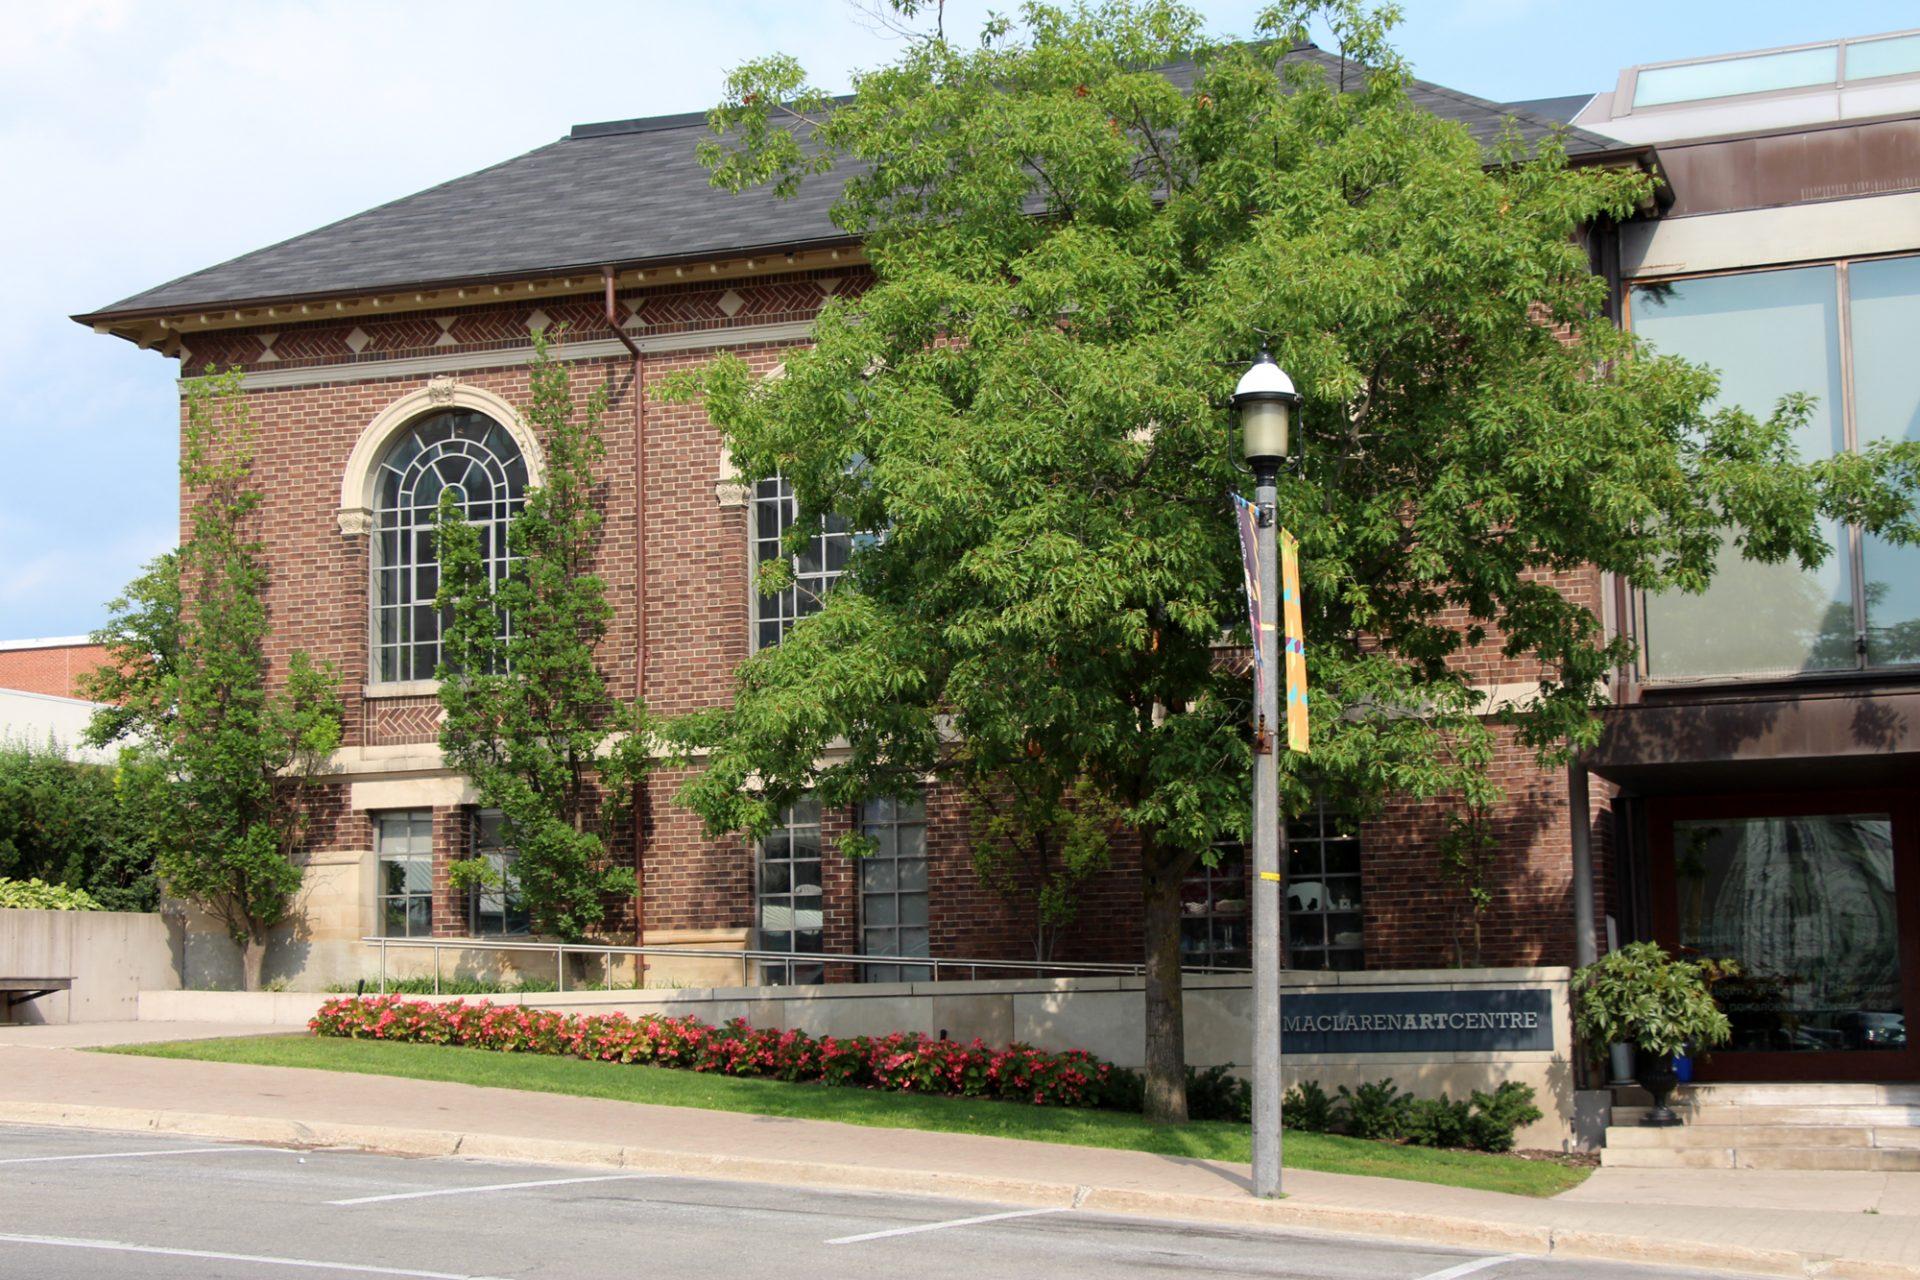 MacLaren Art Centre building